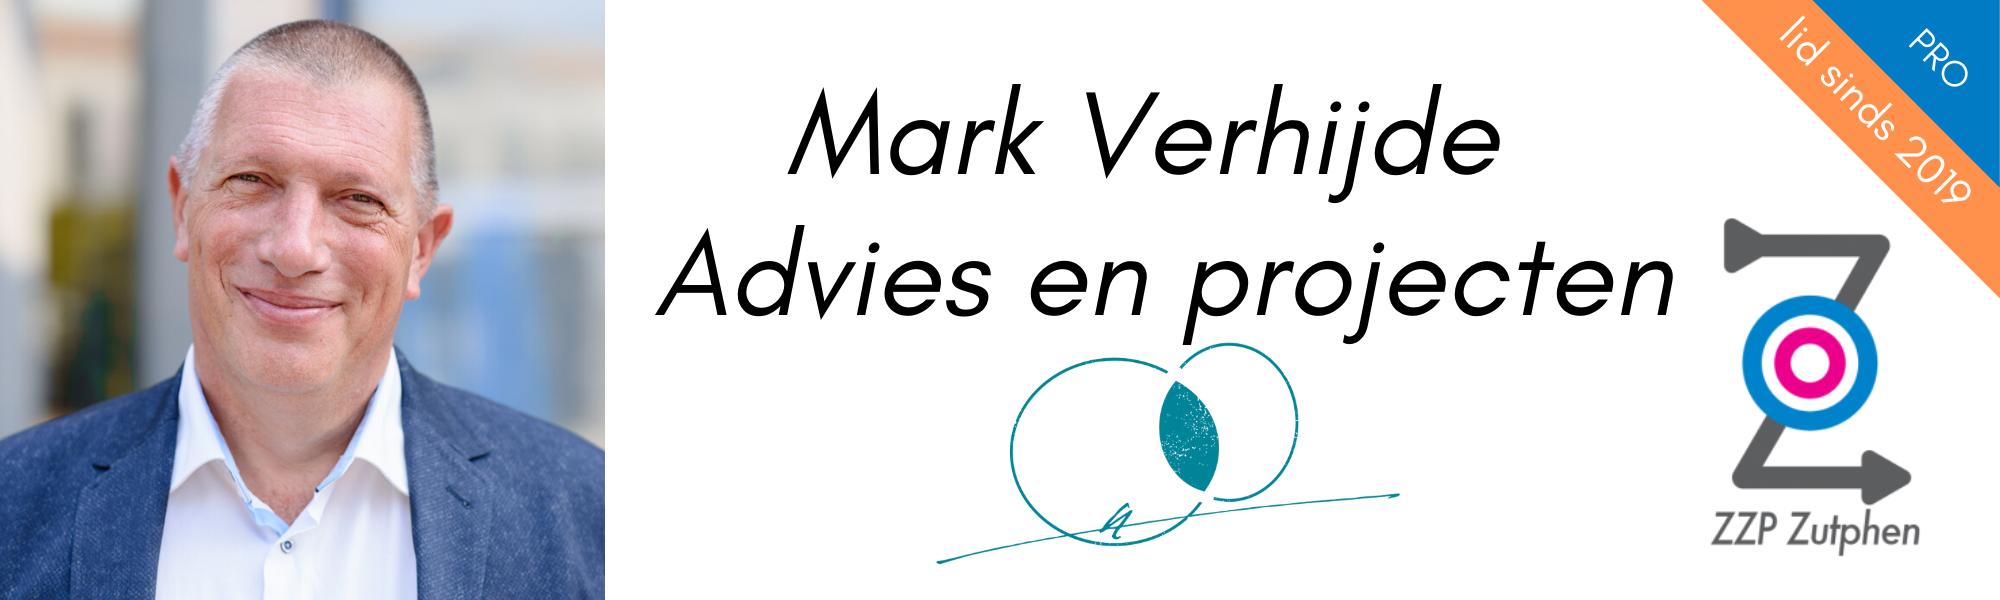 mark-verhijde-advies-projecten-interimmanager-deventer